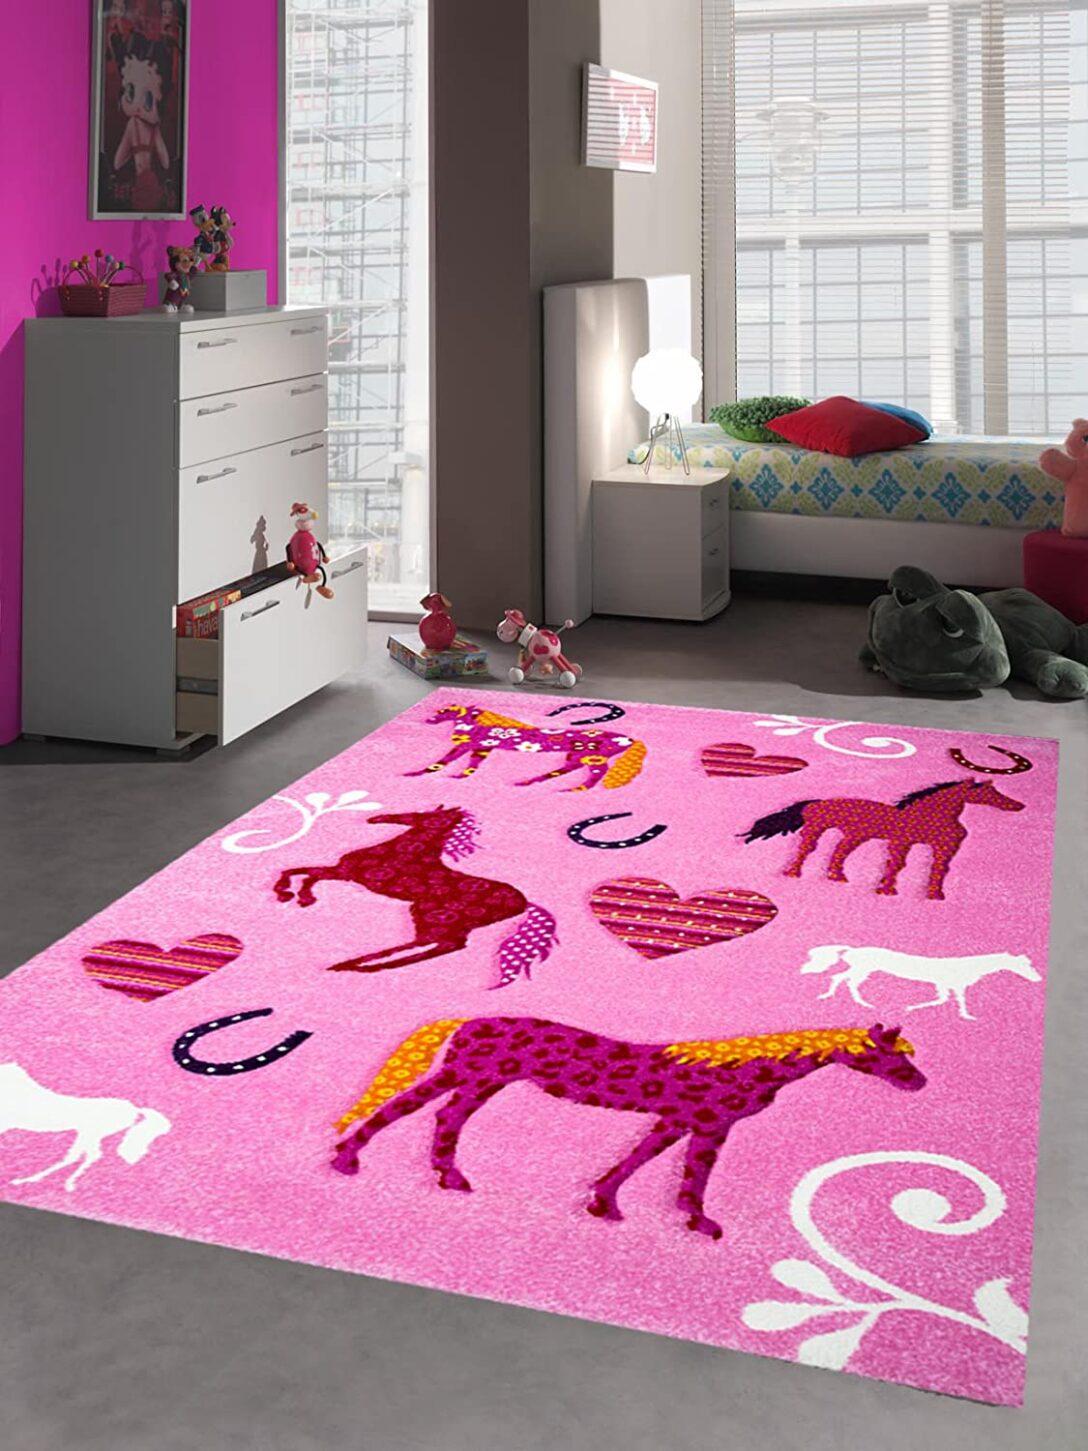 Large Size of Kinderteppich Spielteppich Kinderzimmer Teppich Pferd Design Mit Regale Regal Weiß Sofa Kinderzimmer Kinderzimmer Pferd